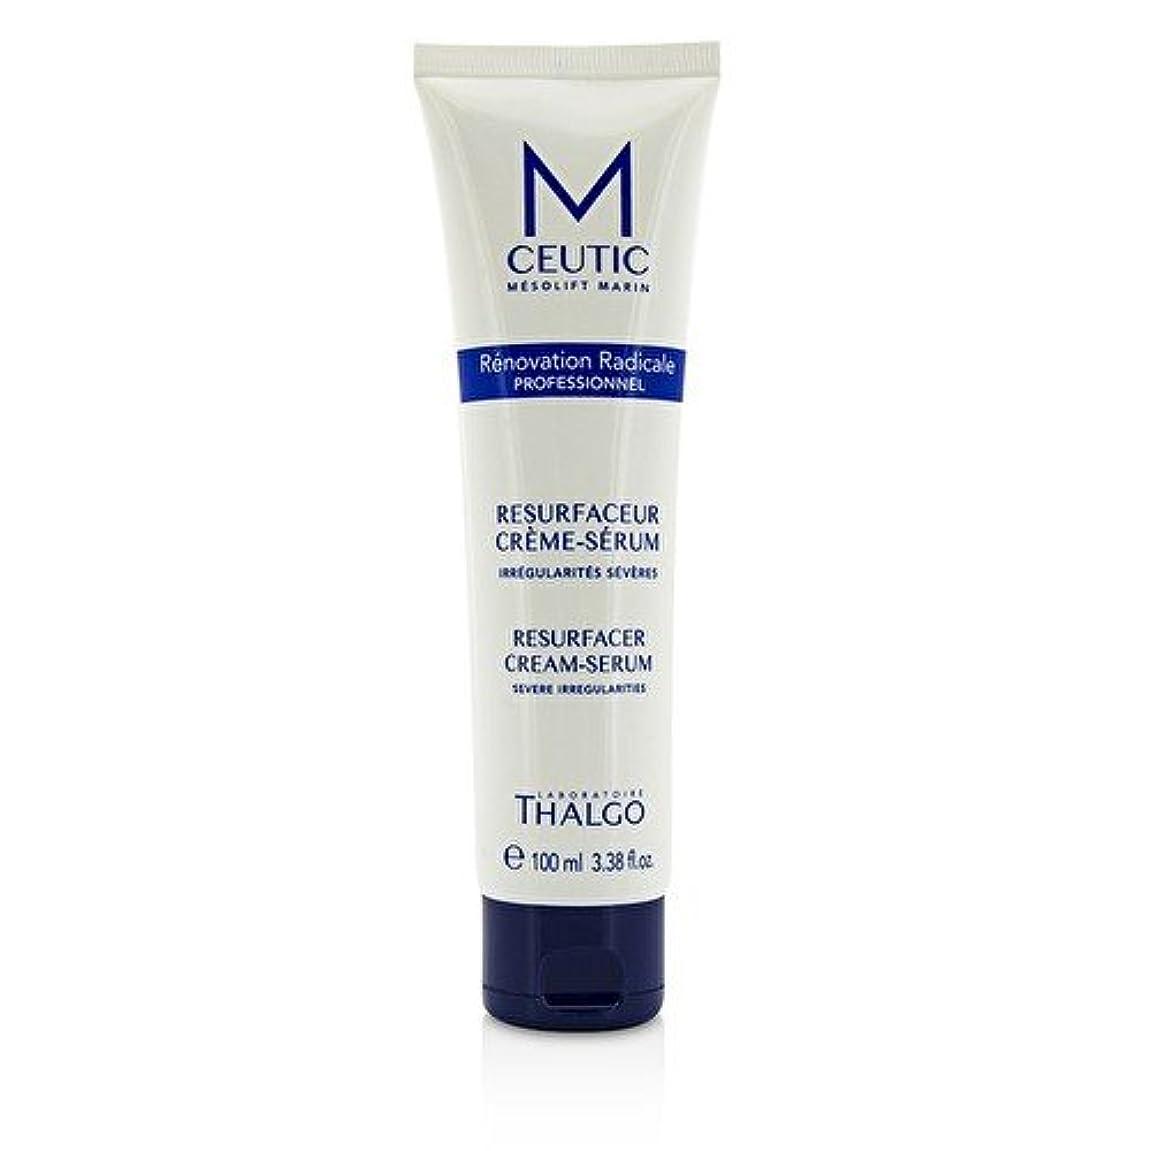 レイア緊張開示するタルゴ MCEUTIC Resurfacer Cream-Serum - Salon Size 100ml/3.38oz並行輸入品